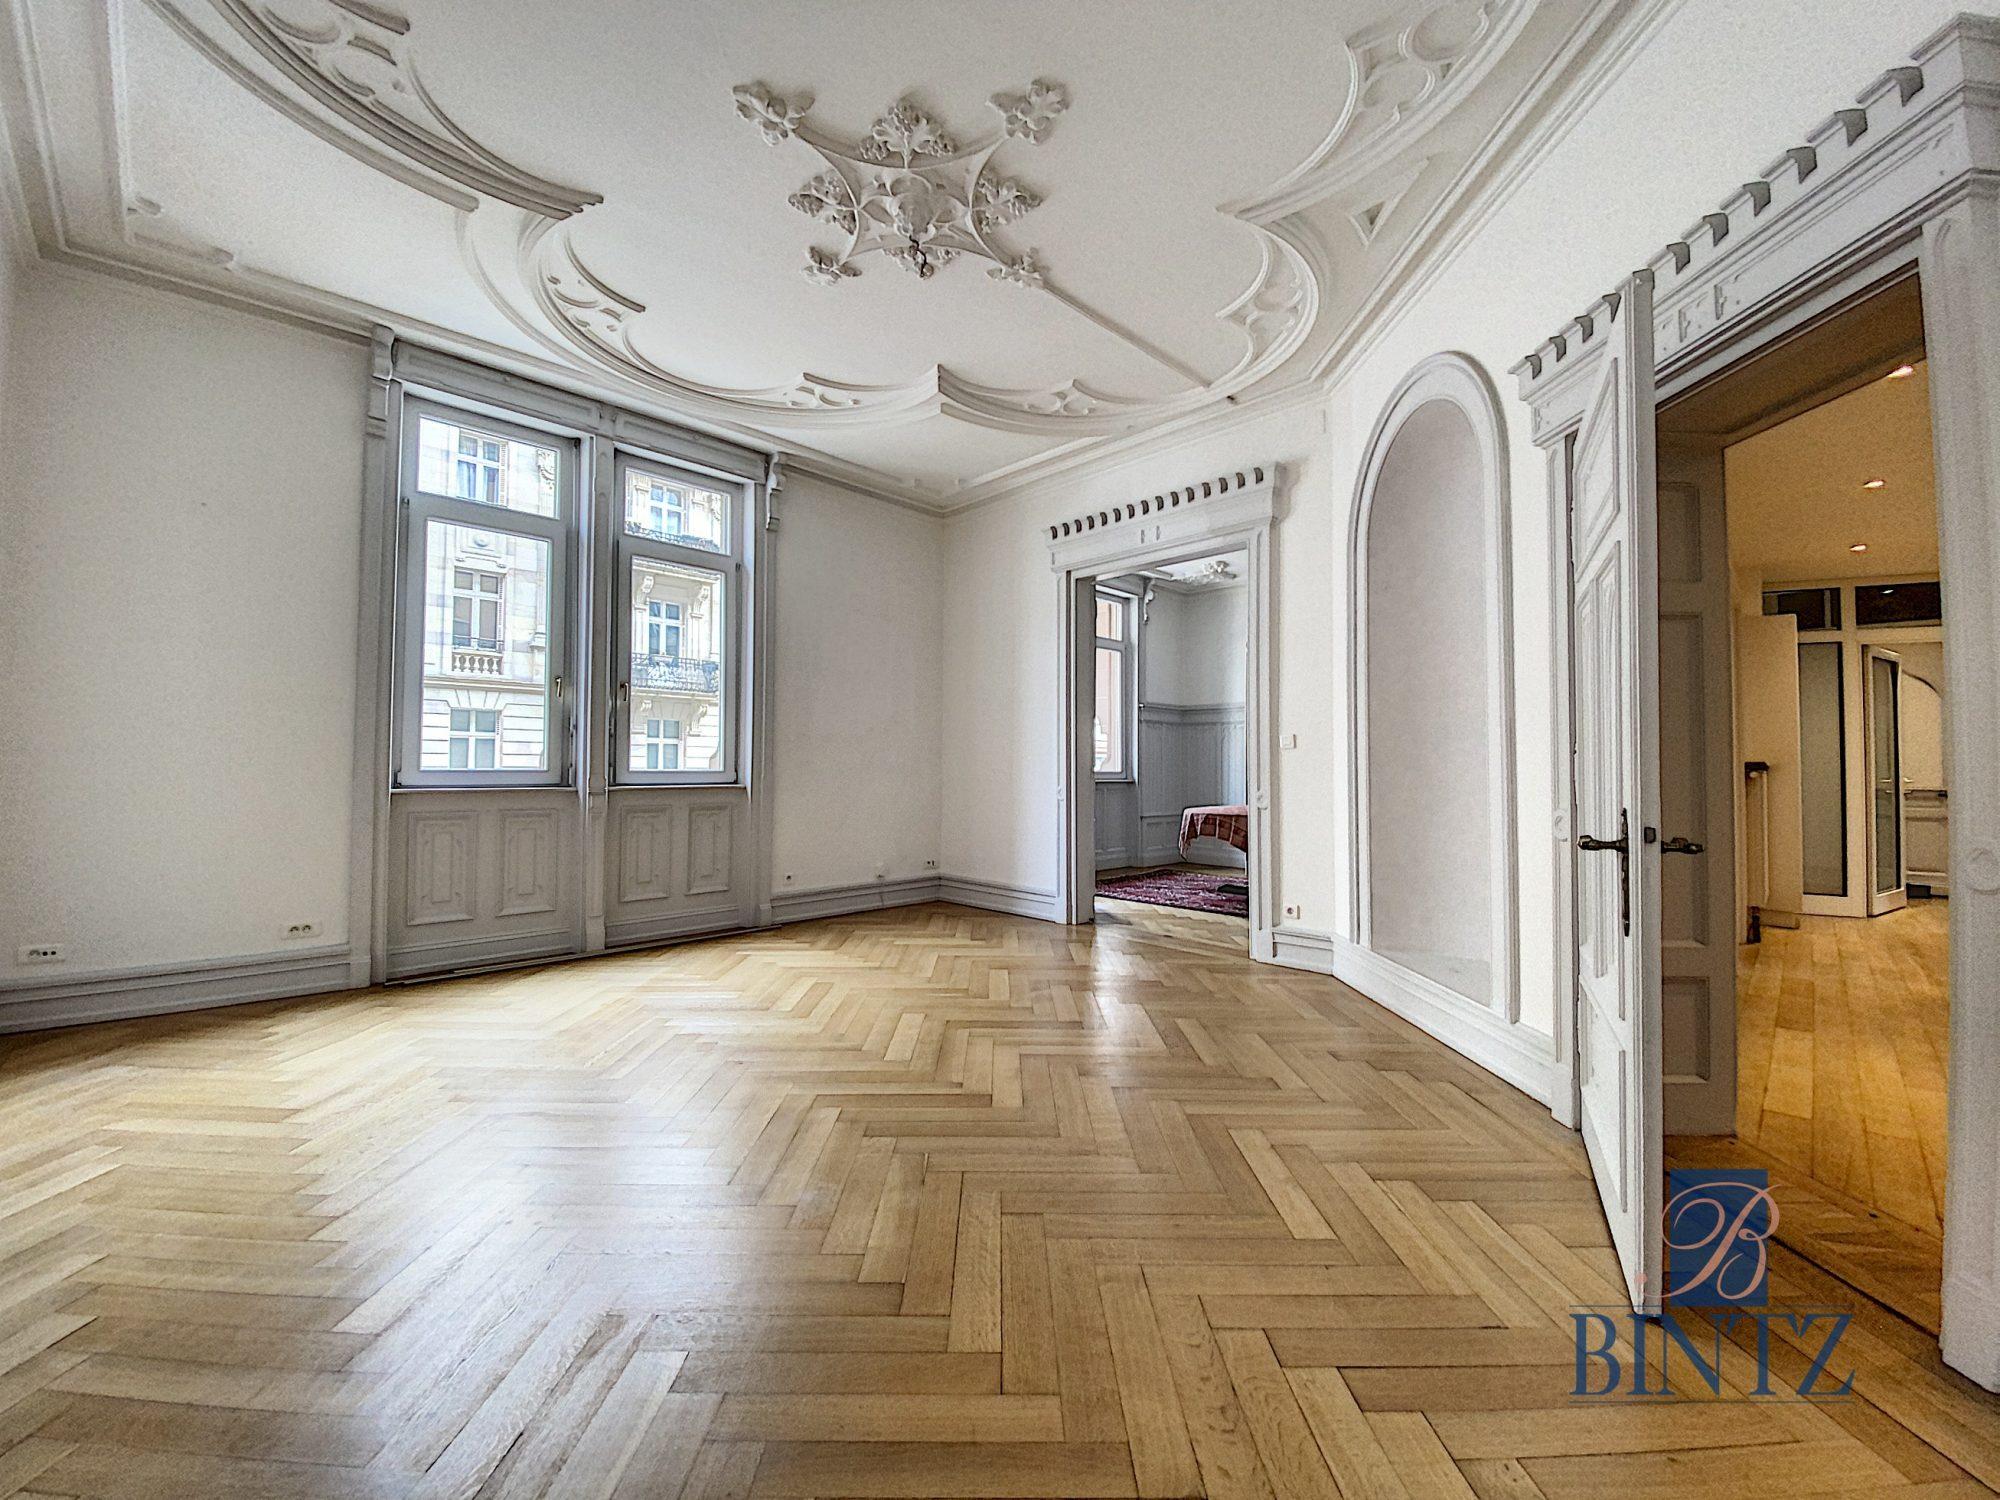 Magnifique 6 pièces de 164m2 Quartier Neustadt - Devenez propriétaire en toute confiance - Bintz Immobilier - 1